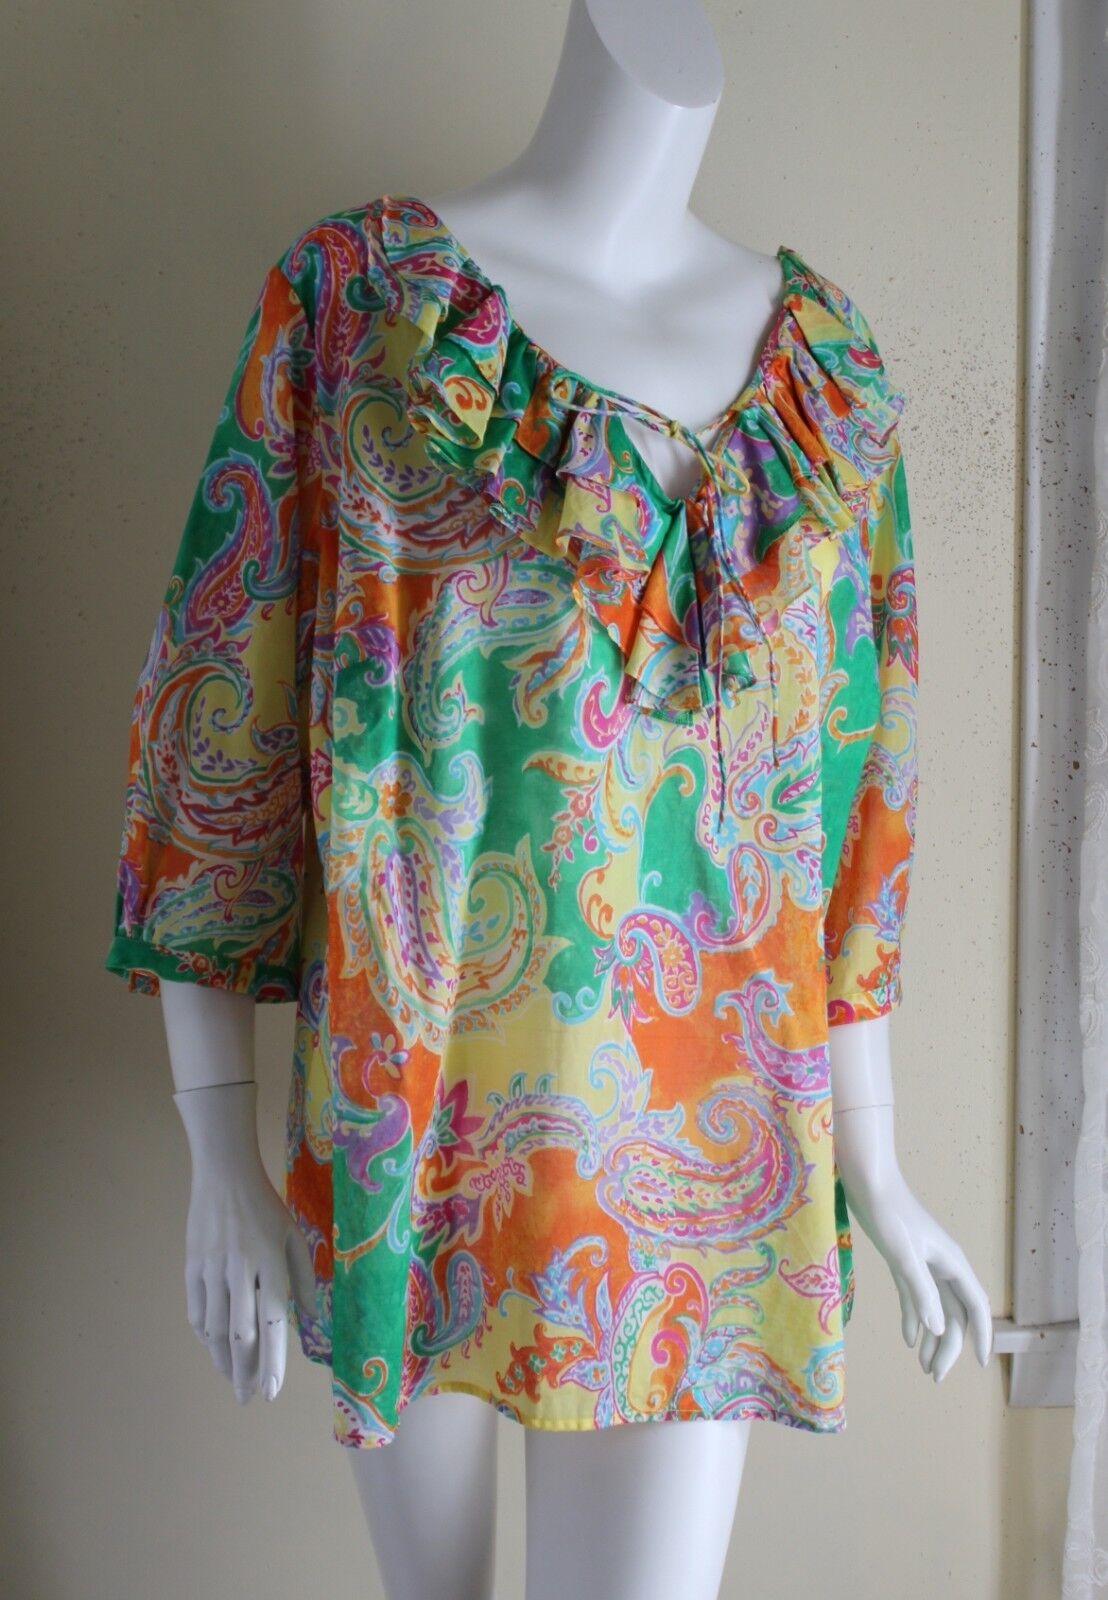 Ralph Lauren -Sz 2X Fine Lightweight Cotton Art-to-Wear Ruffle Graphic Tunic Top